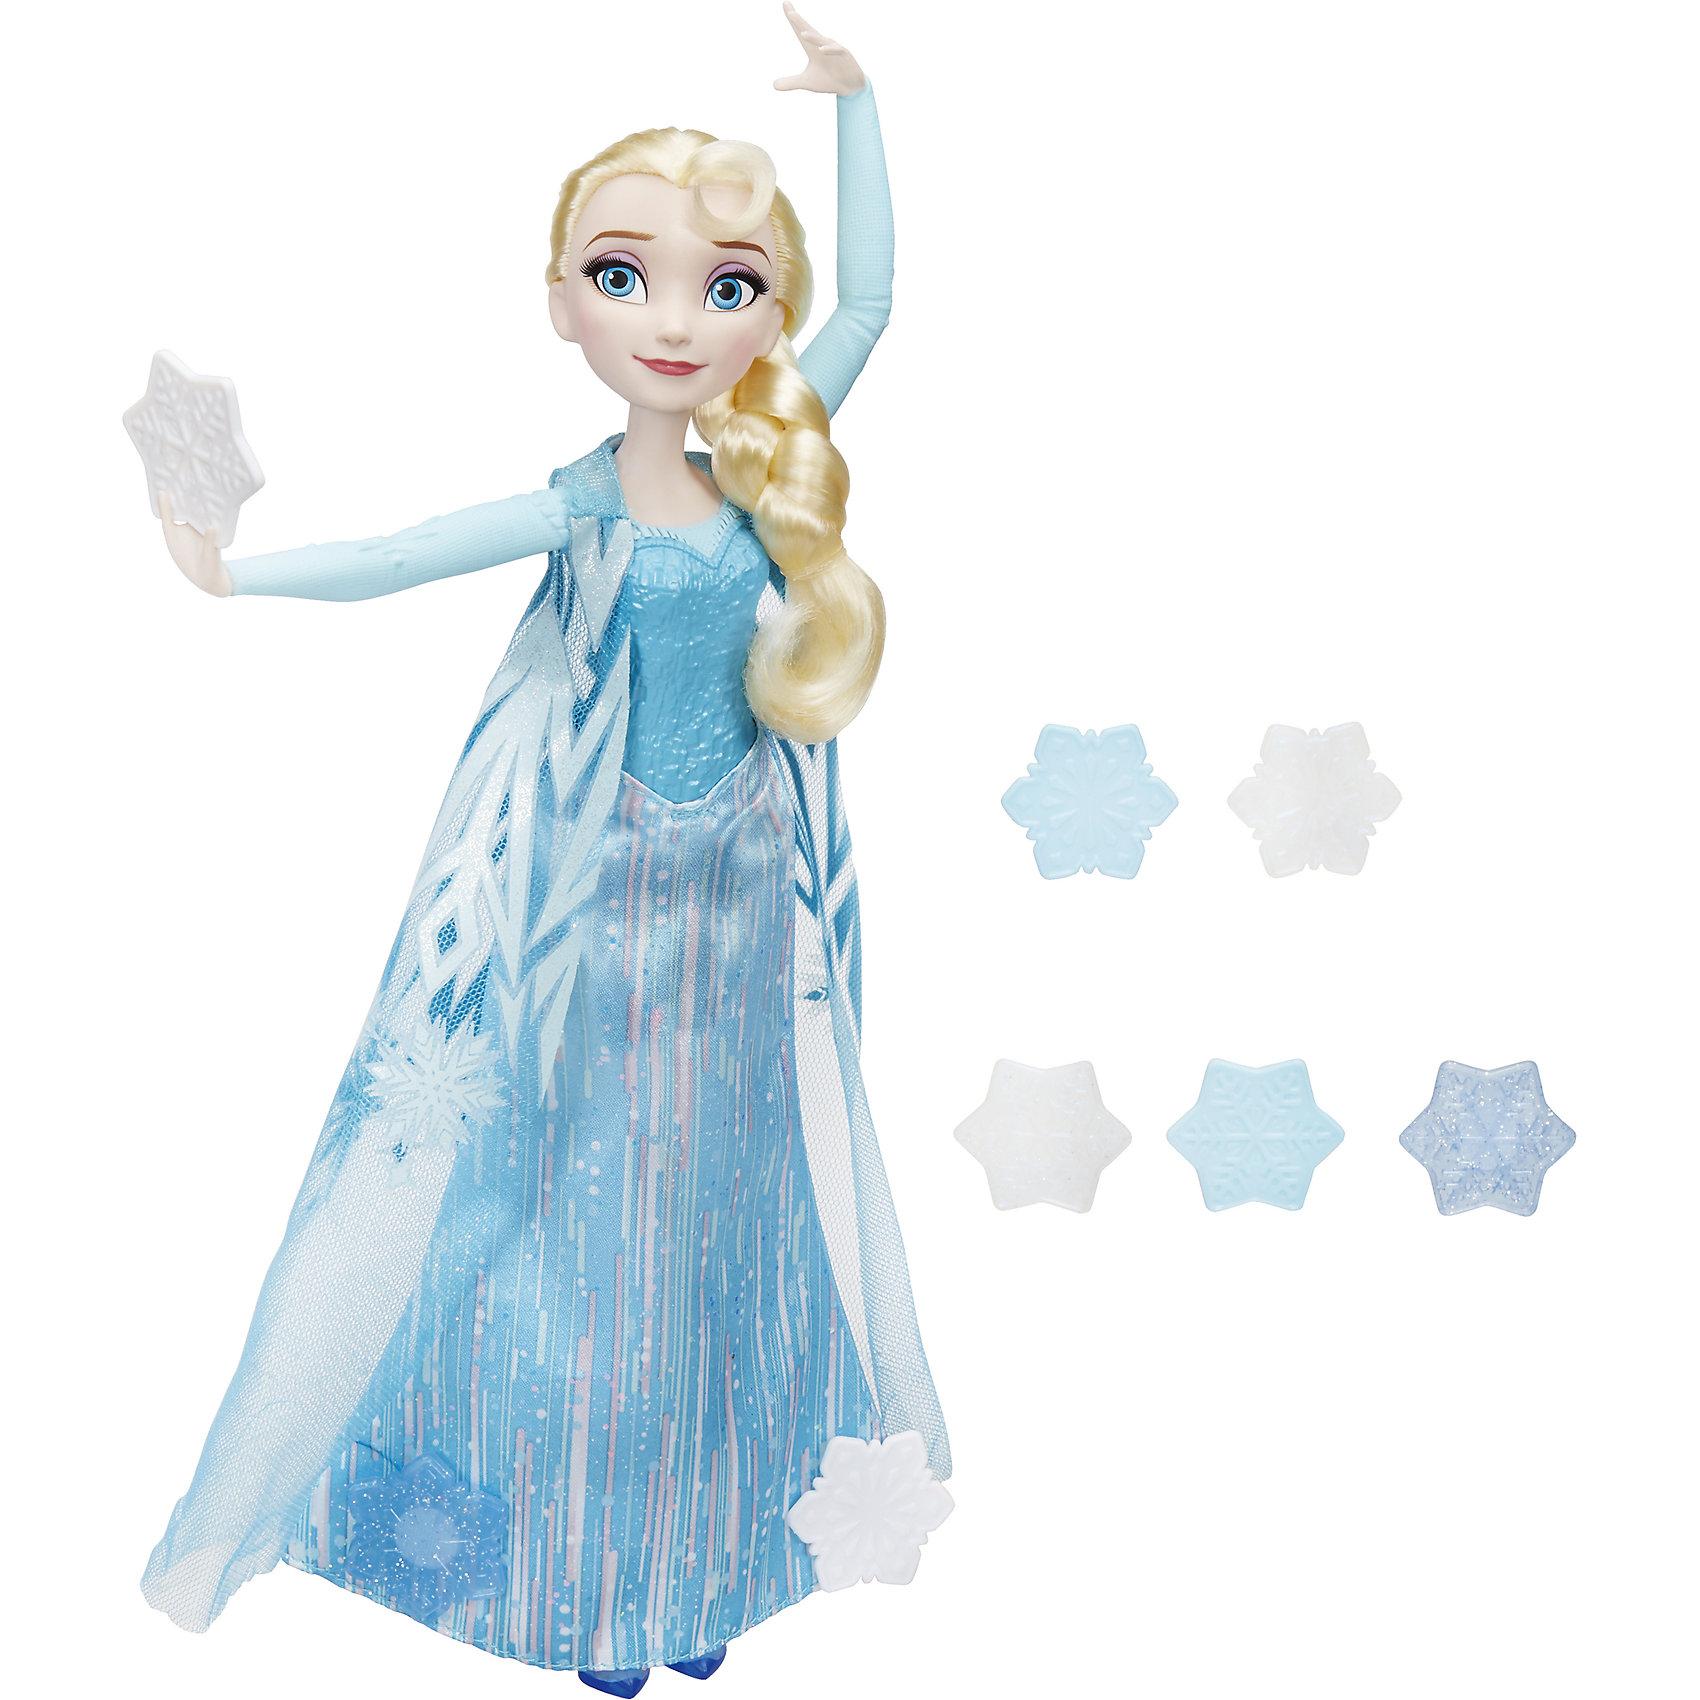 Эльза, запускающая снежинки рукой, Холодное СердцеХолодное Сердце<br>Эльза, запускающая снежинки рукой, Холодное Сердце (Frozen).<br><br>Характеристика: <br><br>• Материал: пластик. <br>• Размер куклы: 29 см. <br>• В комплекте кукла в одежде, обувь, 8 снежинок. <br>• Отличная детализация. <br>• Голова, руки, ноги подвижные.<br>• Плащ снимается. <br>• Снежинка крепится к руке Эльзы.<br>• Можно украшать наряд Эльзы снежинками.<br><br>Очаровательная Эльза в невероятно красивом и оригинальном наряде обязательно понравится девочкам. Вложи в руку куклы снежинку и запустив воздух или укрась снежинками полупрозрачный плащ Эльзы.<br><br>Эльзу, запускающую снежинки рукой, Холодное Сердце (Frozen), можно купить в нашем интернет-магазине.<br><br>Ширина мм: 324<br>Глубина мм: 235<br>Высота мм: 66<br>Вес г: 269<br>Возраст от месяцев: 36<br>Возраст до месяцев: 84<br>Пол: Женский<br>Возраст: Детский<br>SKU: 5225690